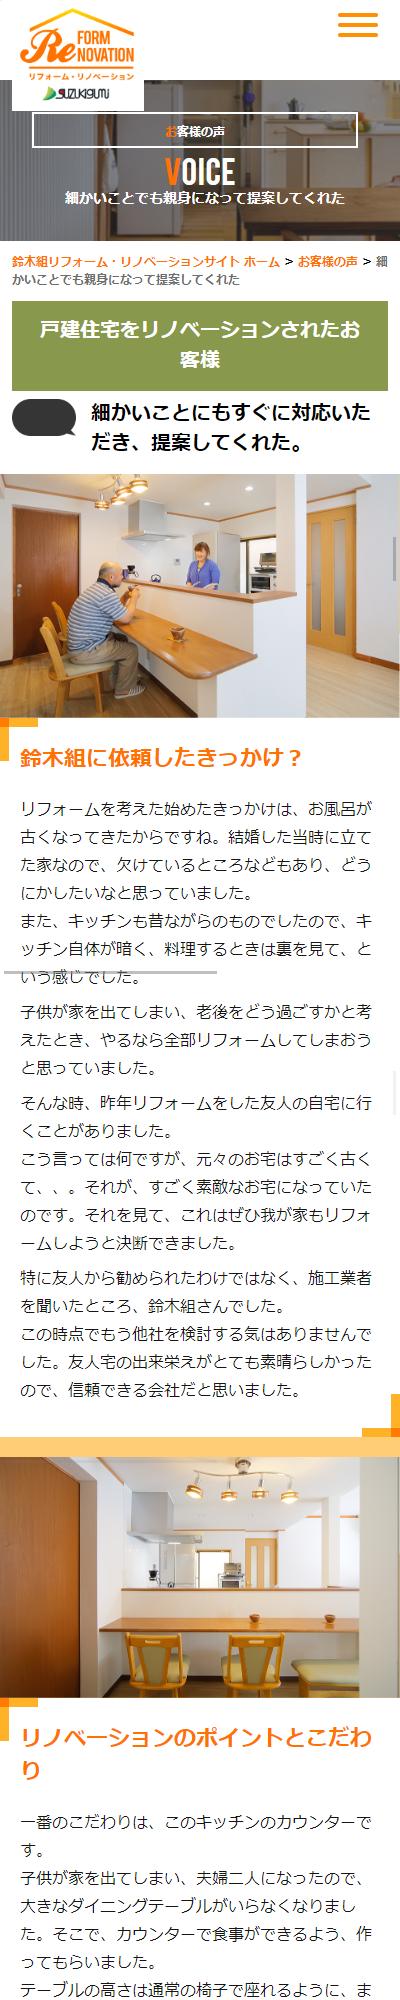 株式会社鈴木組様 リフォーム・リノベーションサイト(株式会社中部エージェンシー 様)